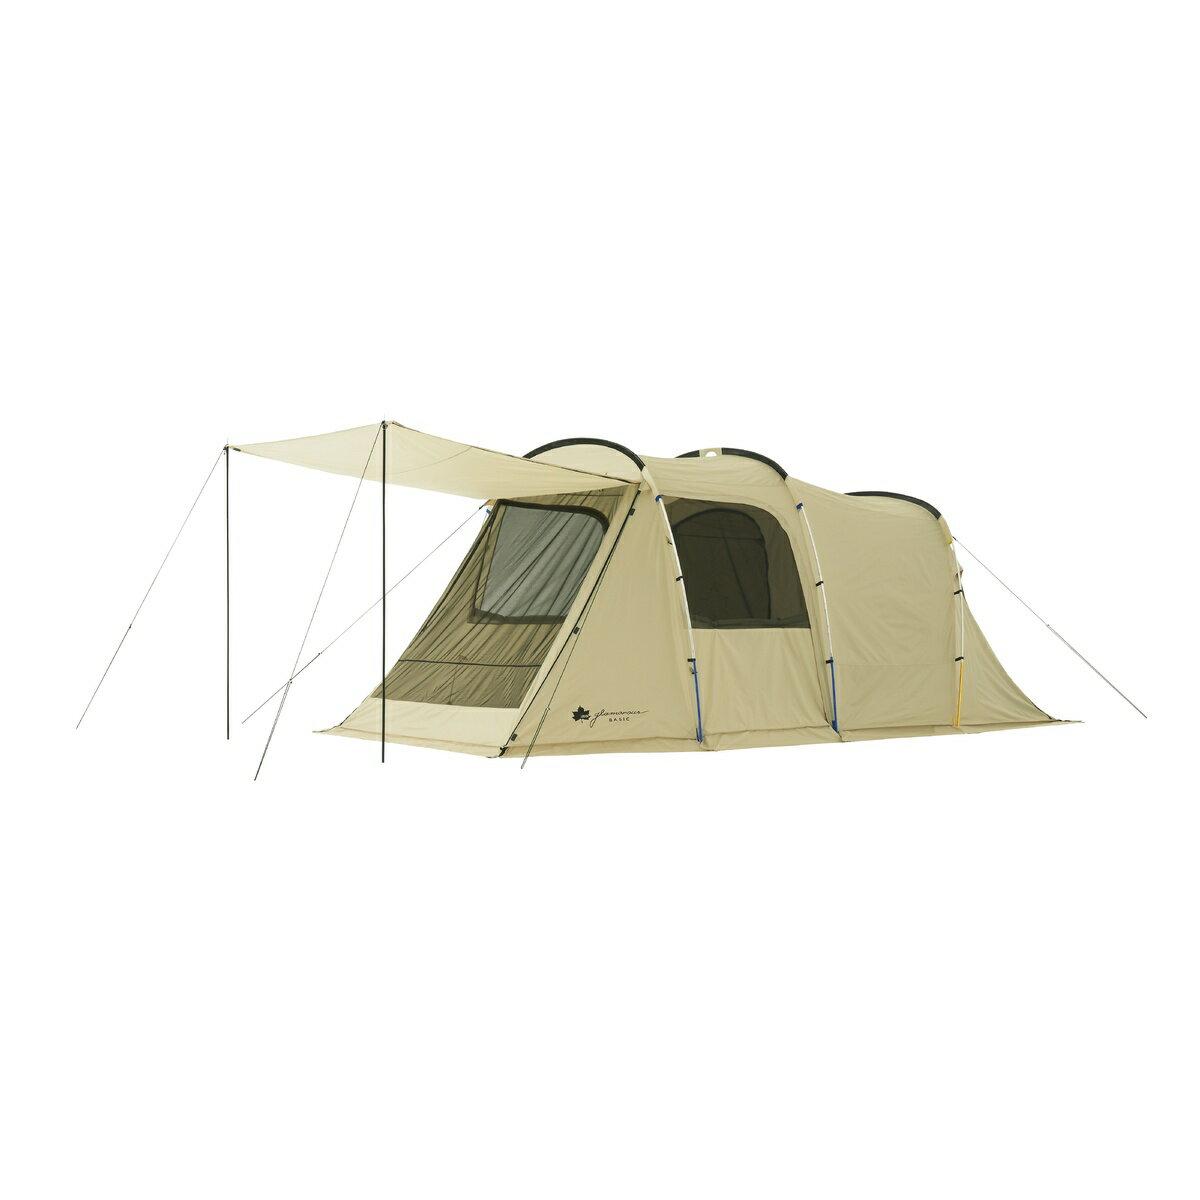 【送料無料】 LOGOS (ロゴス) キャンプ用品 ファミリーテント GB TUNNEL DOME XL 71805023